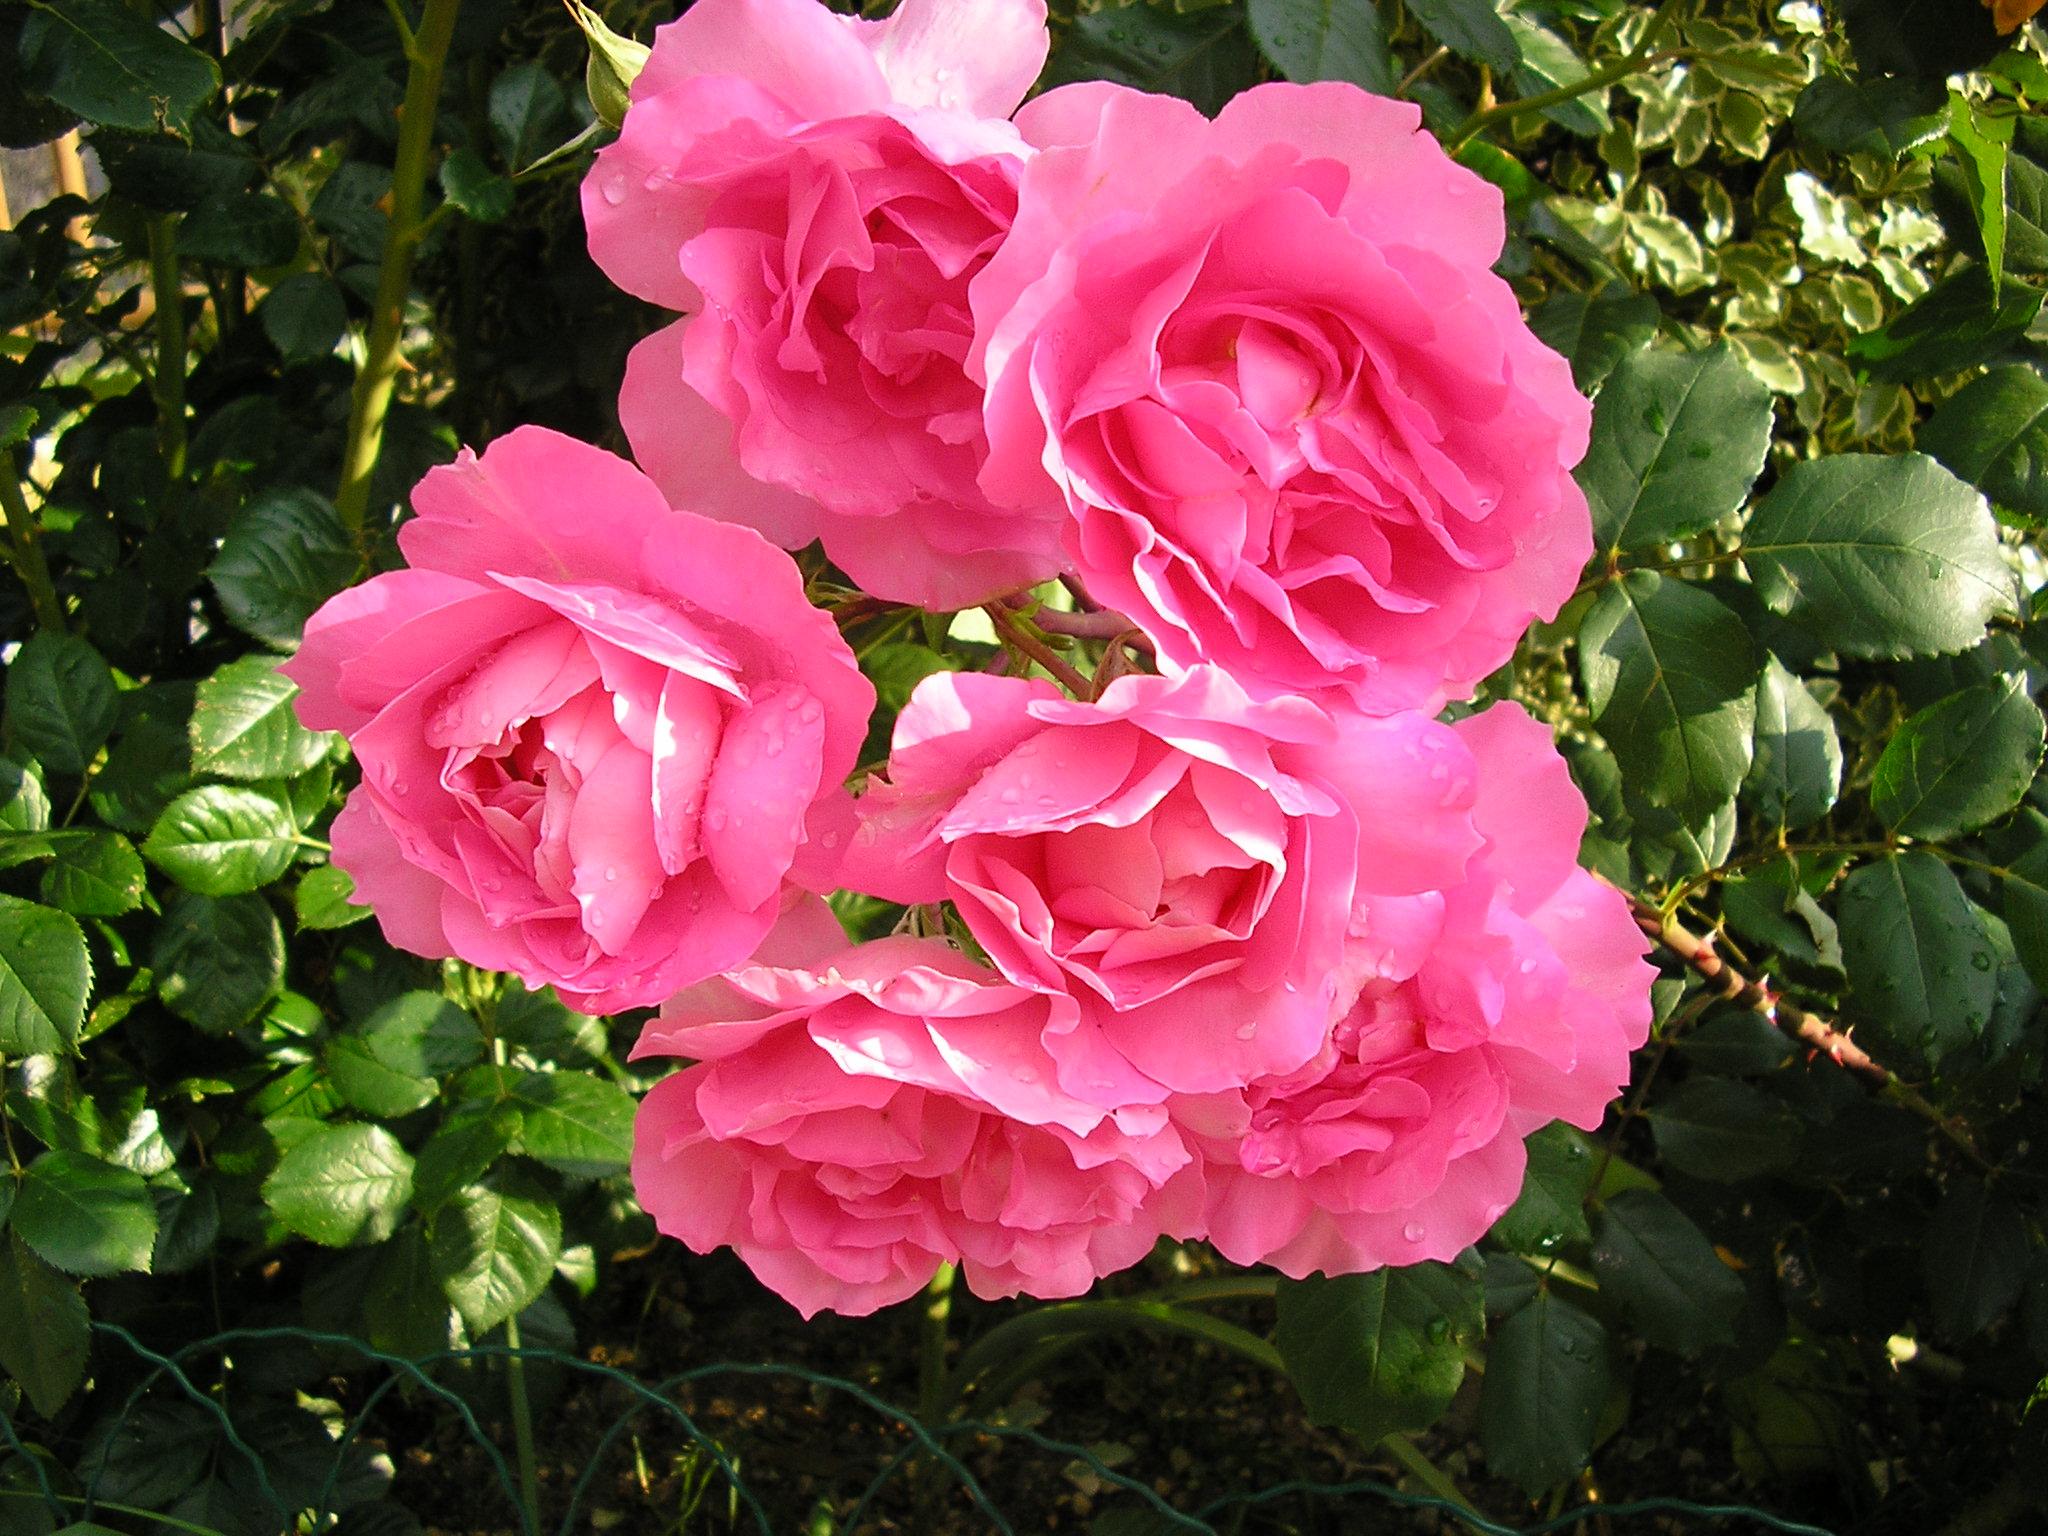 Roses jardins et fleurs wam06 photos club doctissimo for Fleurs et jardins